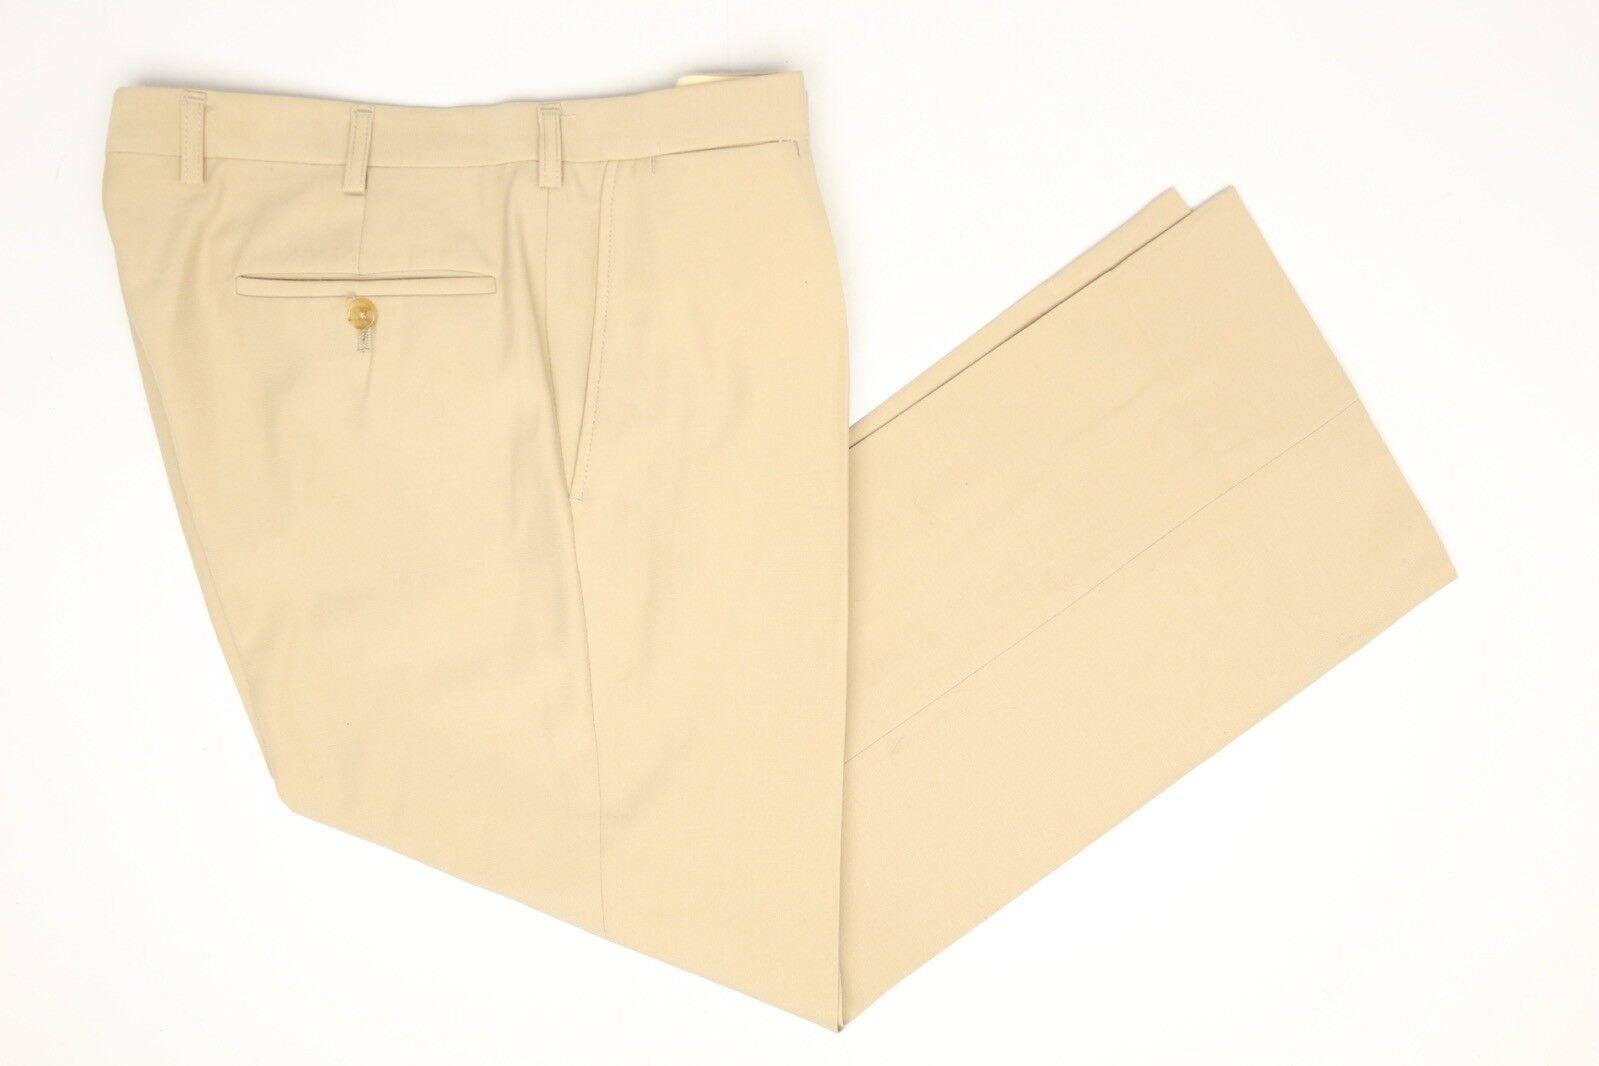 Vintage Chester Barrie Laine Pantalon 34x27 Solide Beige Plissé Angleterre